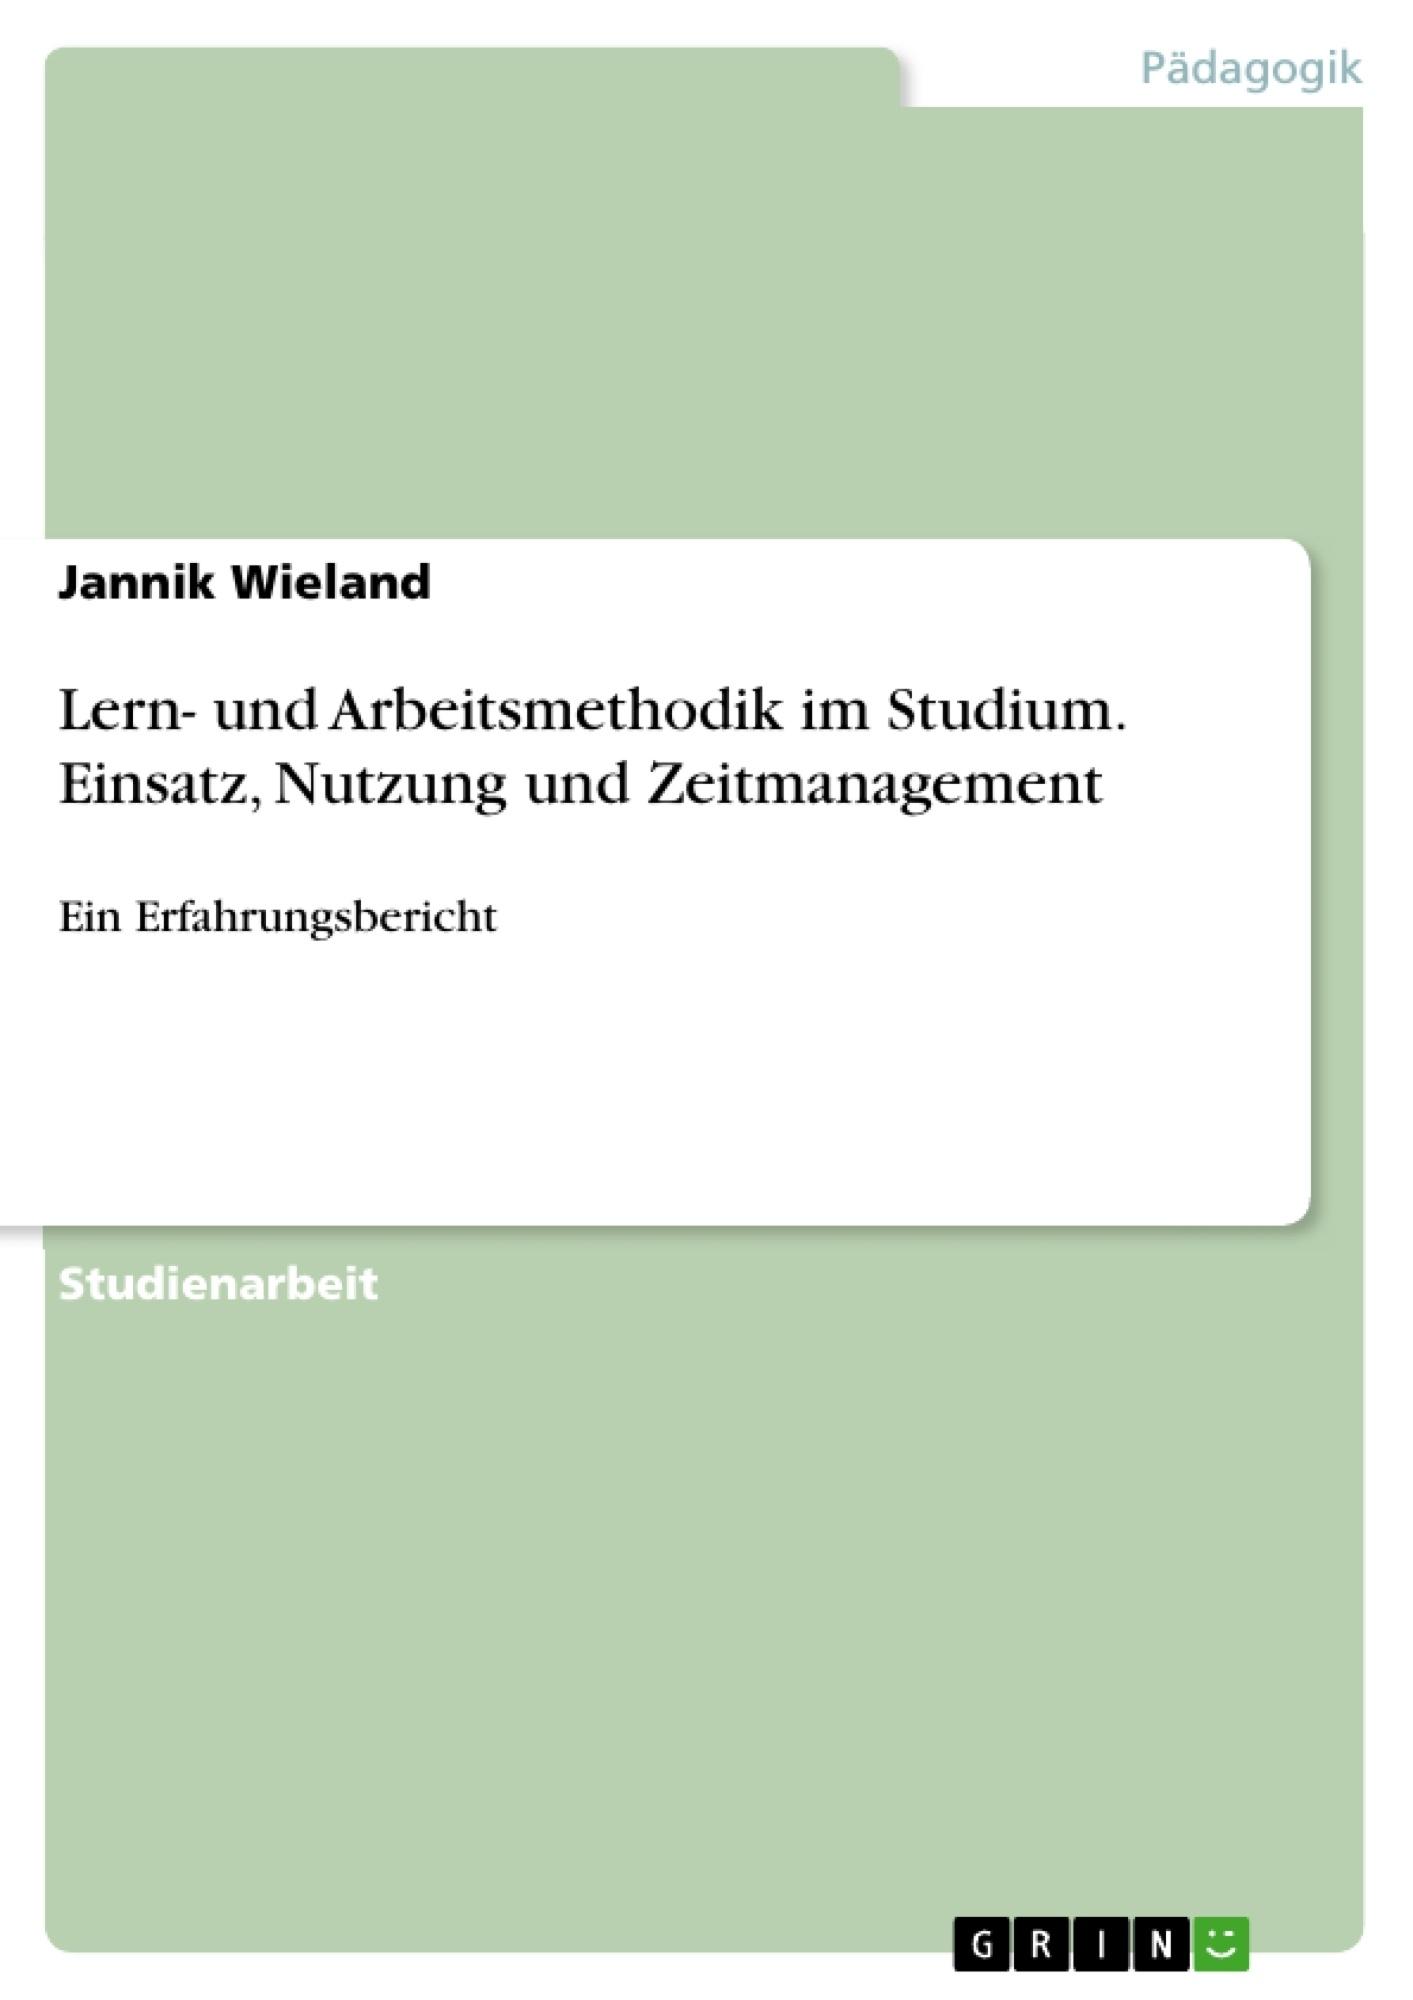 Titel: Lern- und Arbeitsmethodik im Studium. Einsatz, Nutzung und Zeitmanagement